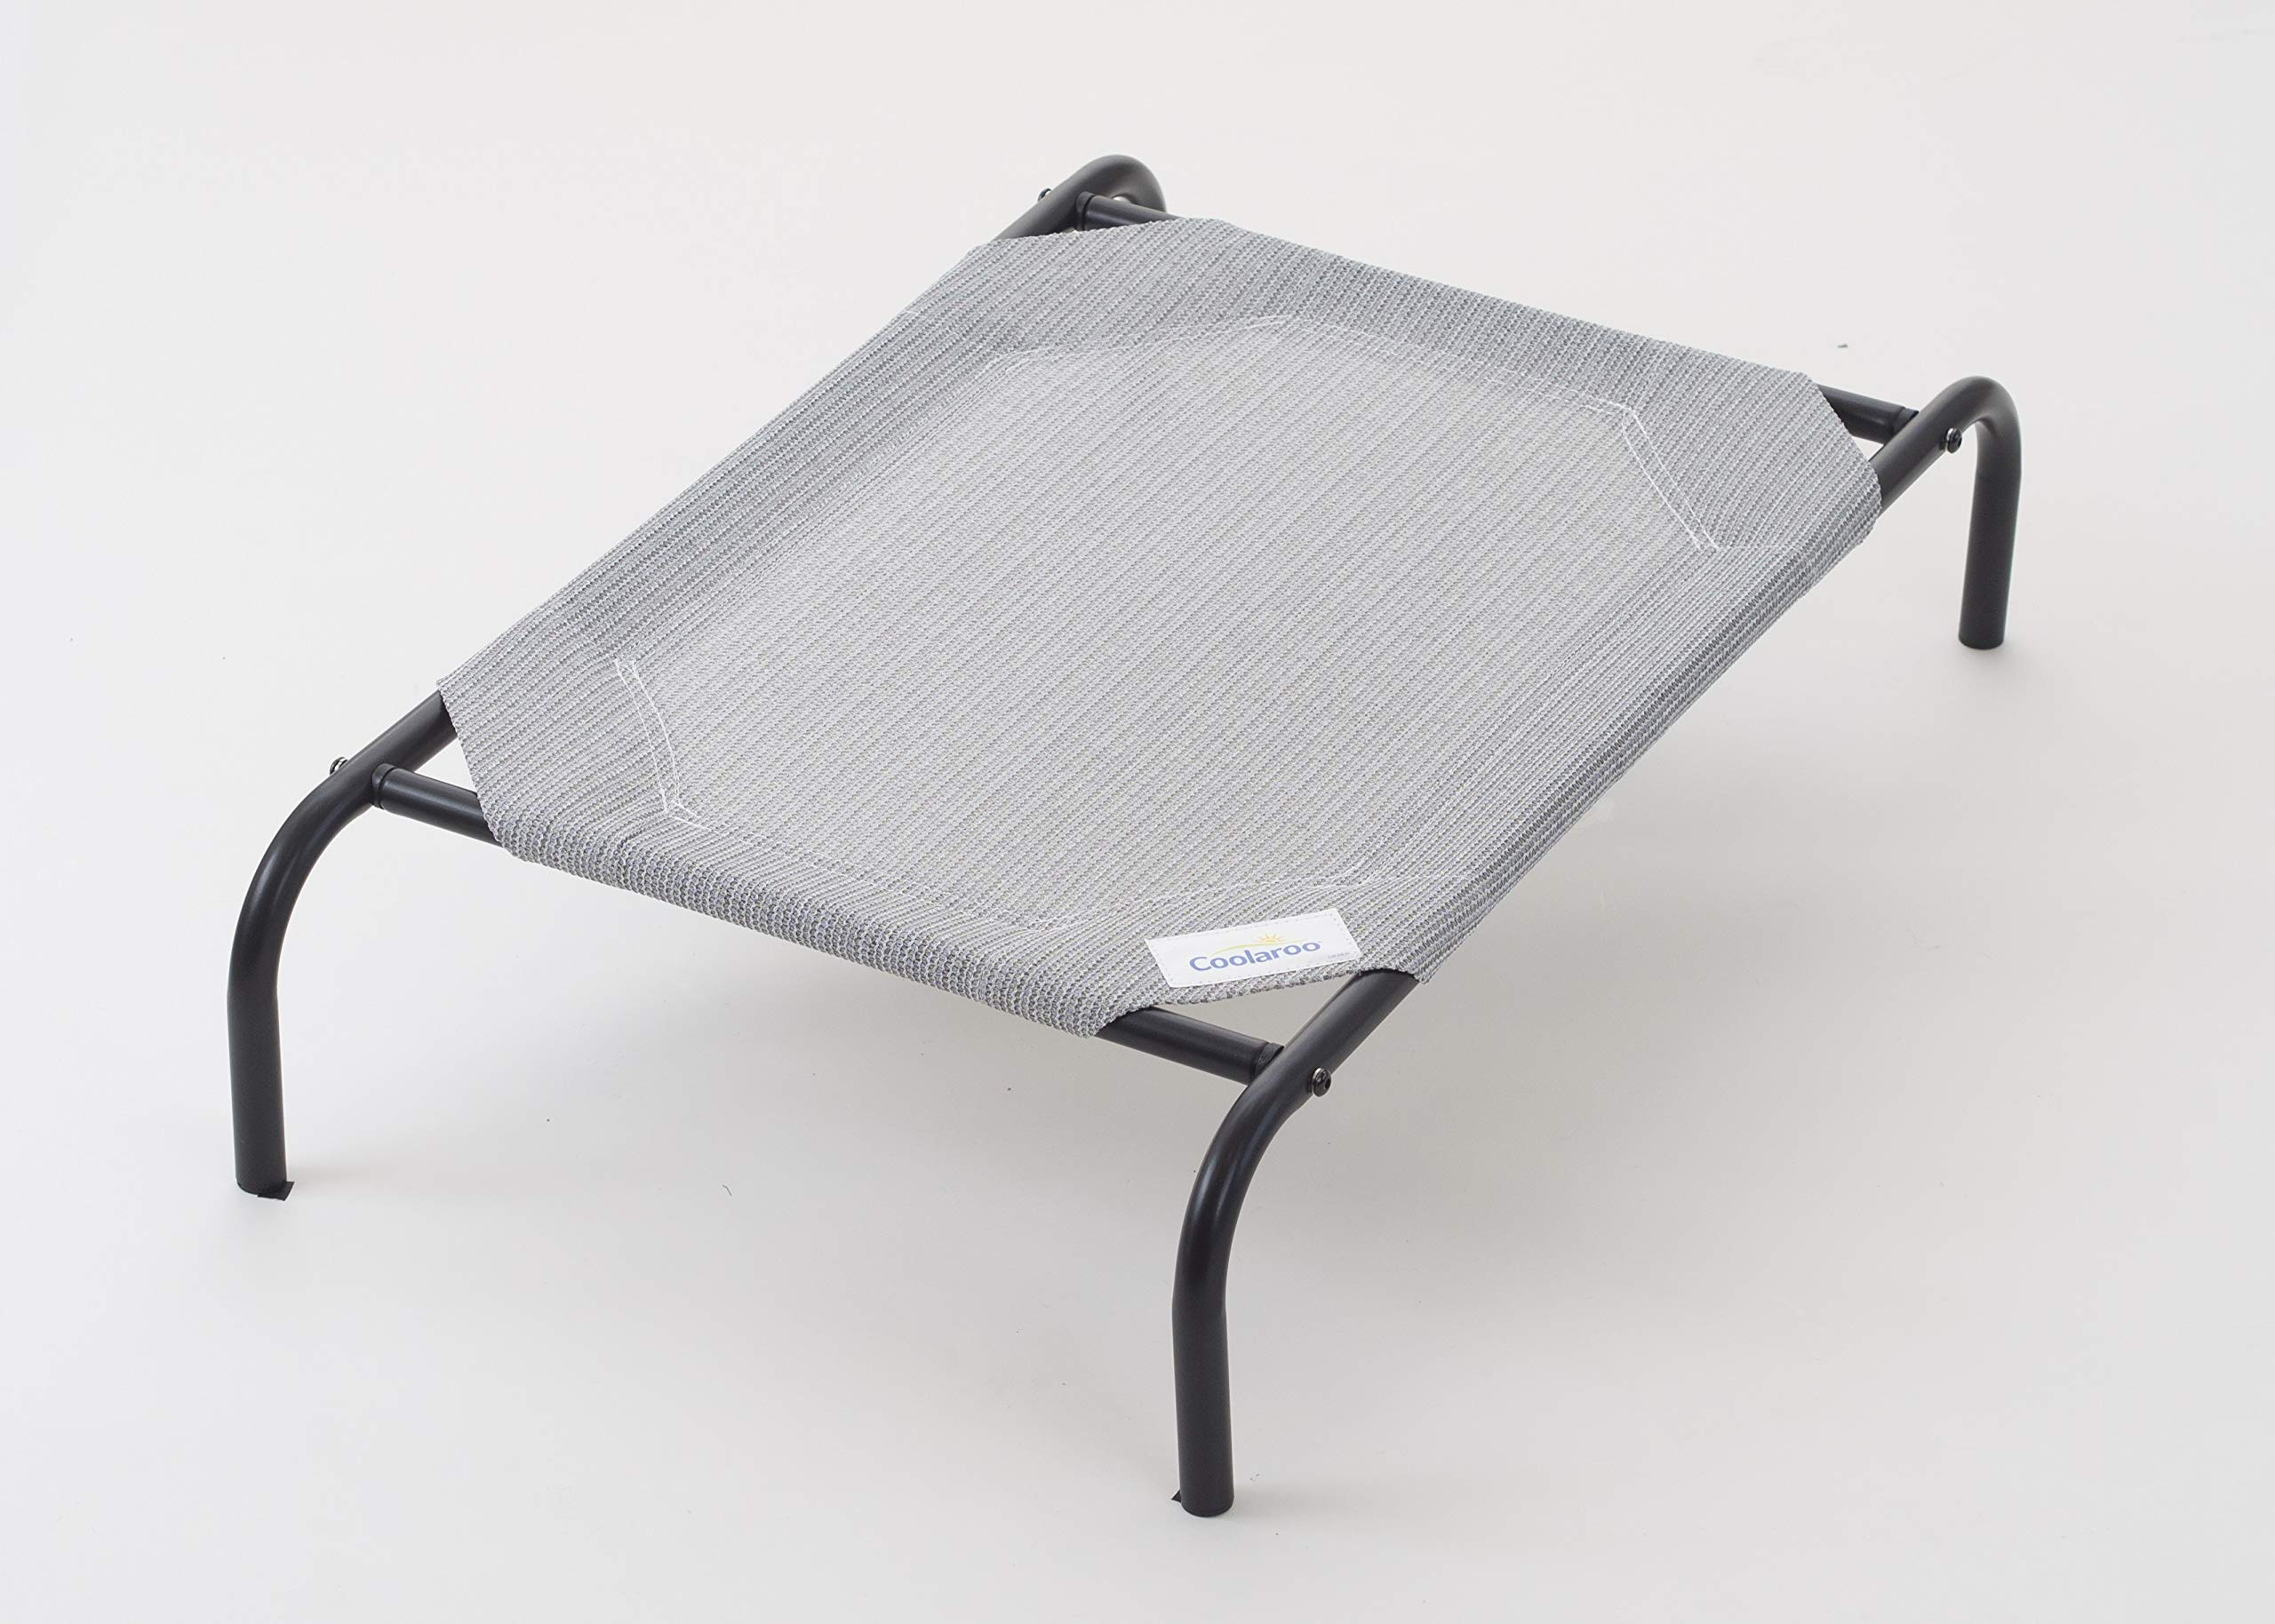 Coolaroo The Original Elevated Pet Bed, Medium, Grey